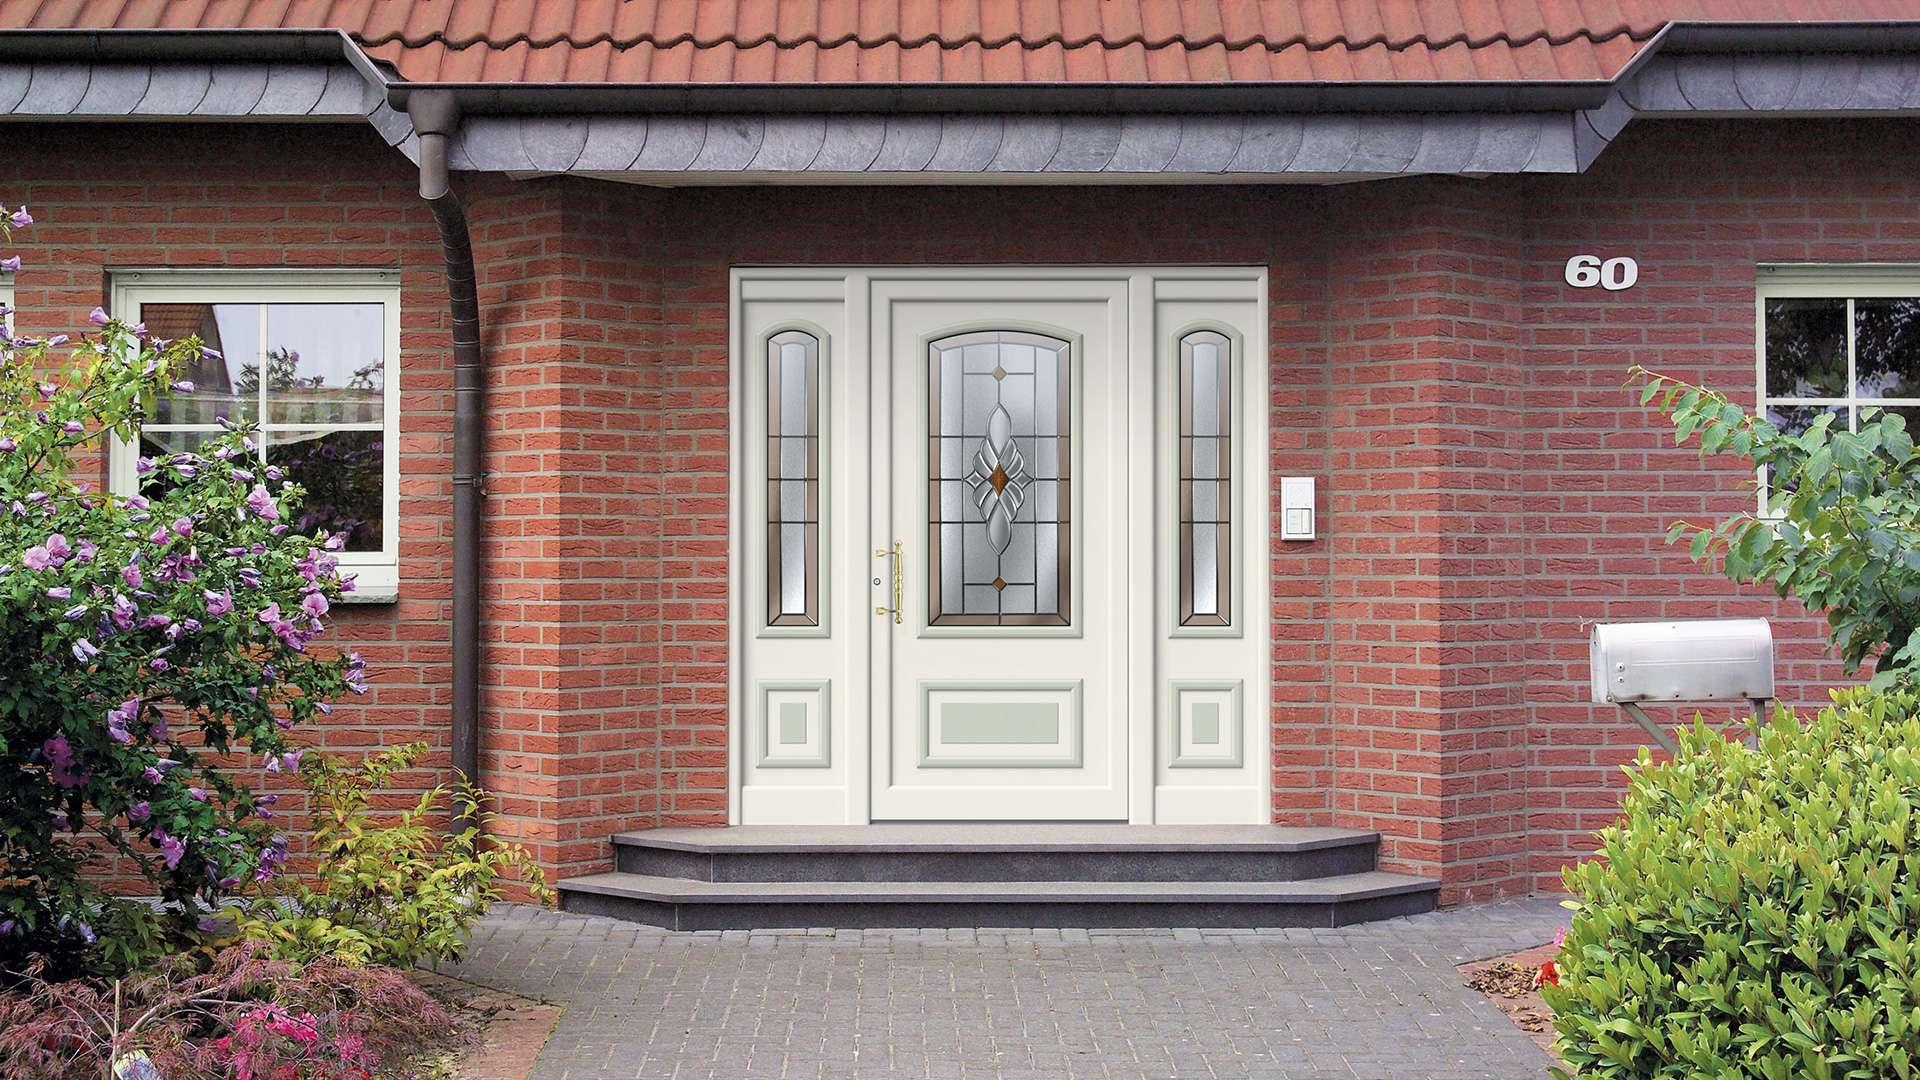 weiße Aluminium-Haustür mit Glaselementen auf beiden Seiten in rotem Klinker